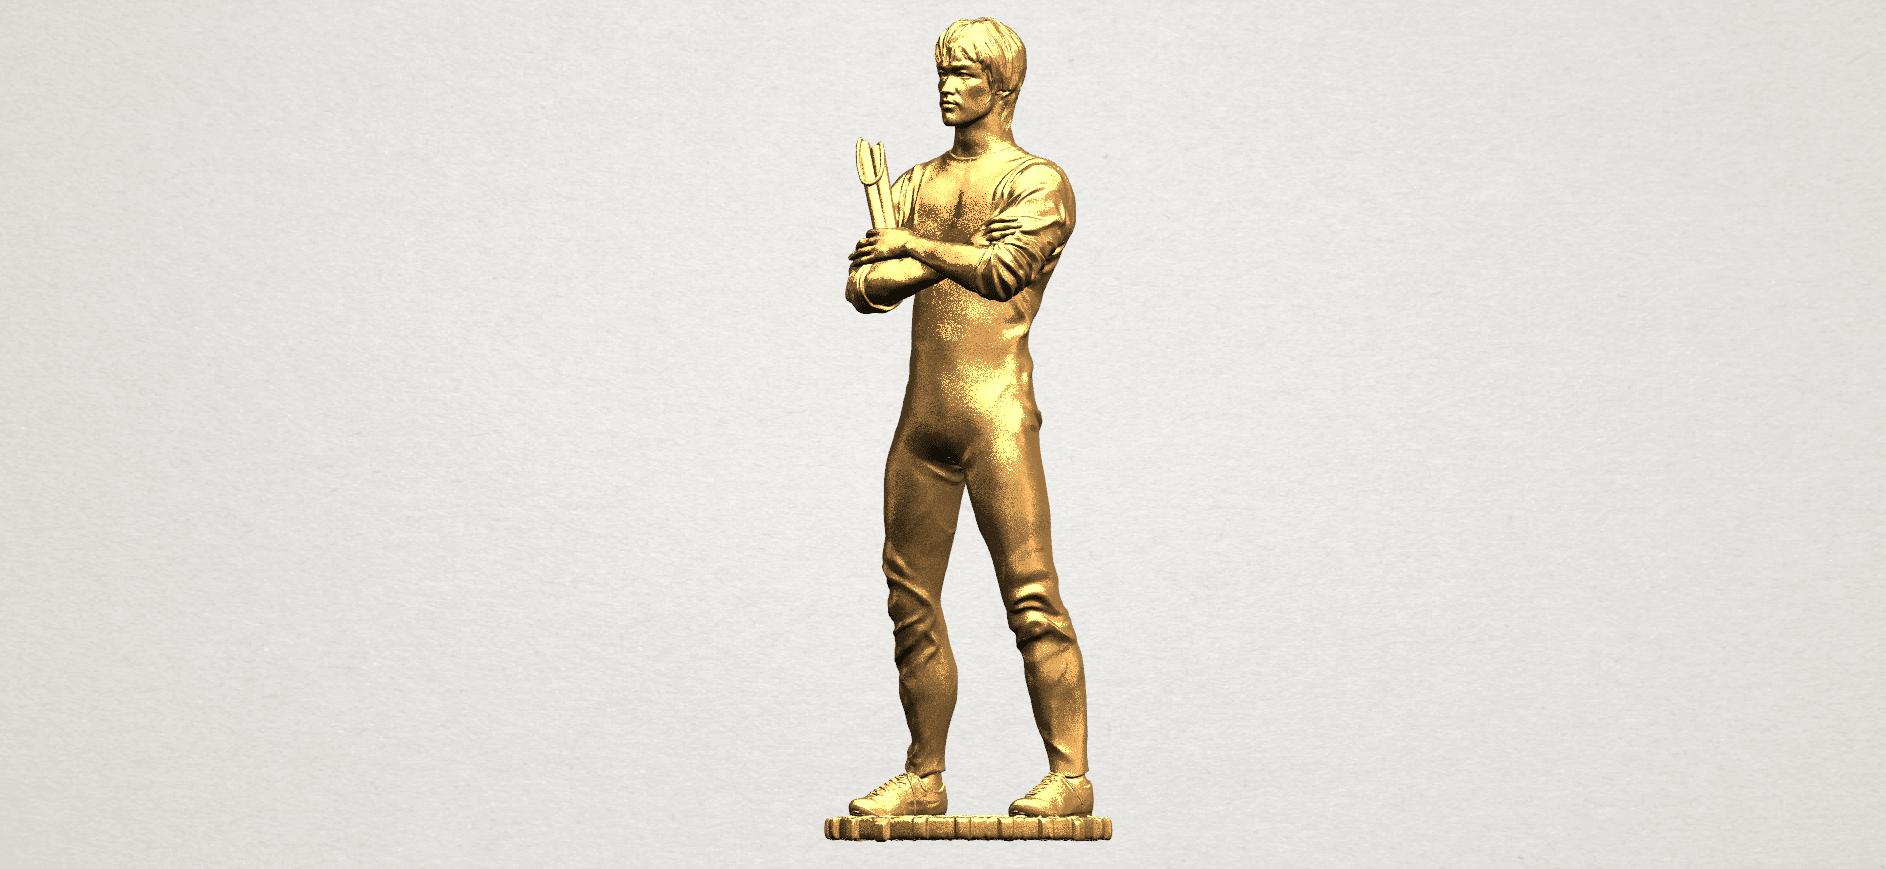 Bruce Lee A02.png Télécharger fichier STL gratuit Bruce Lee • Design à imprimer en 3D, GeorgesNikkei